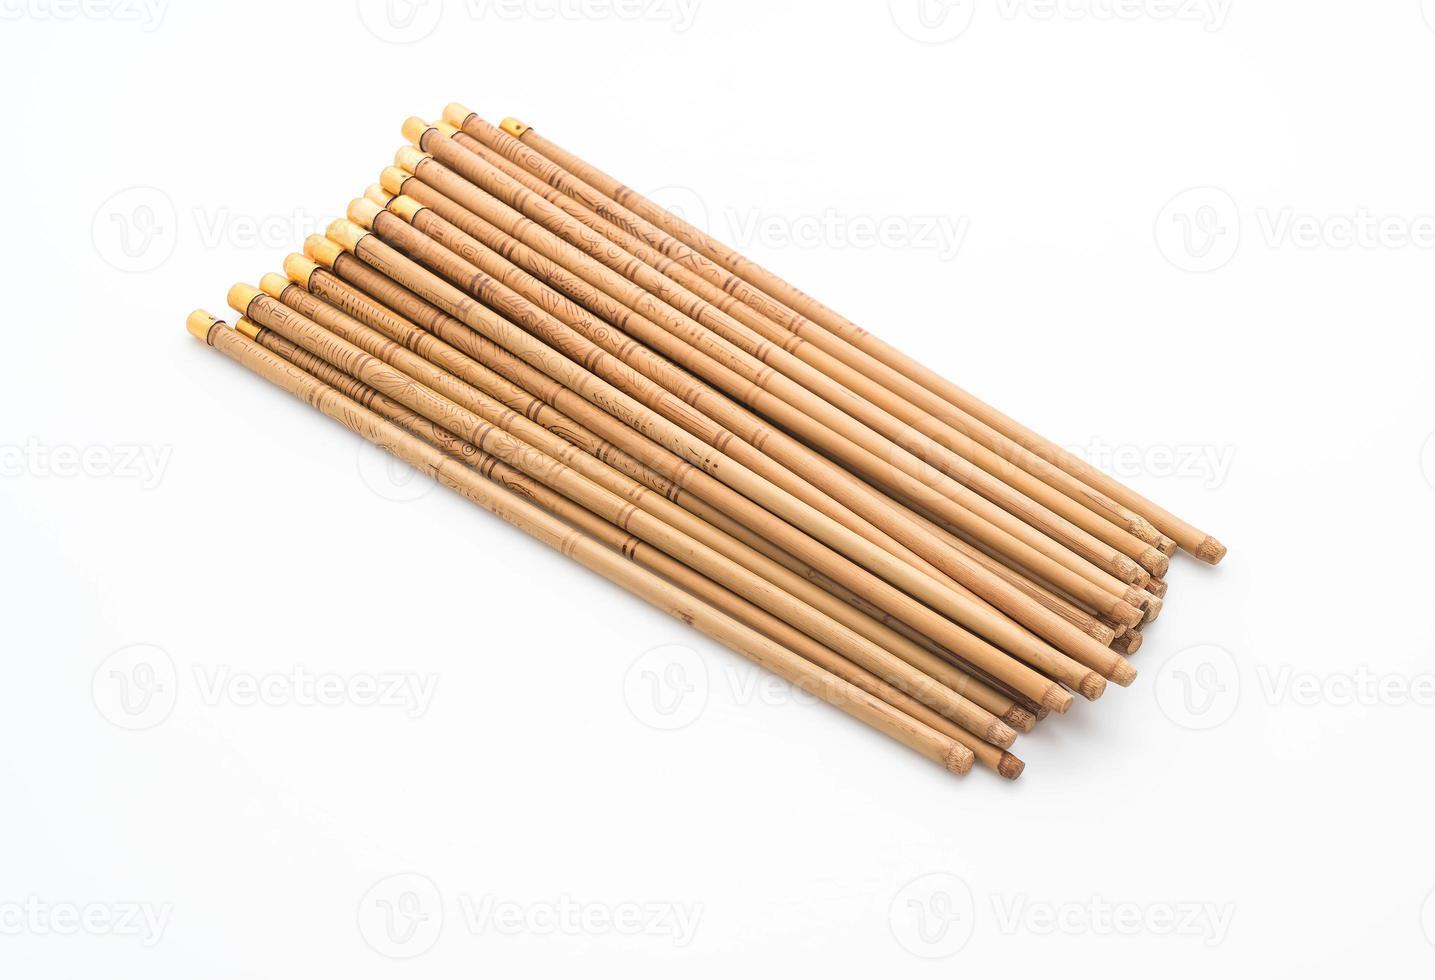 Bamboo chopsticks on white background photo